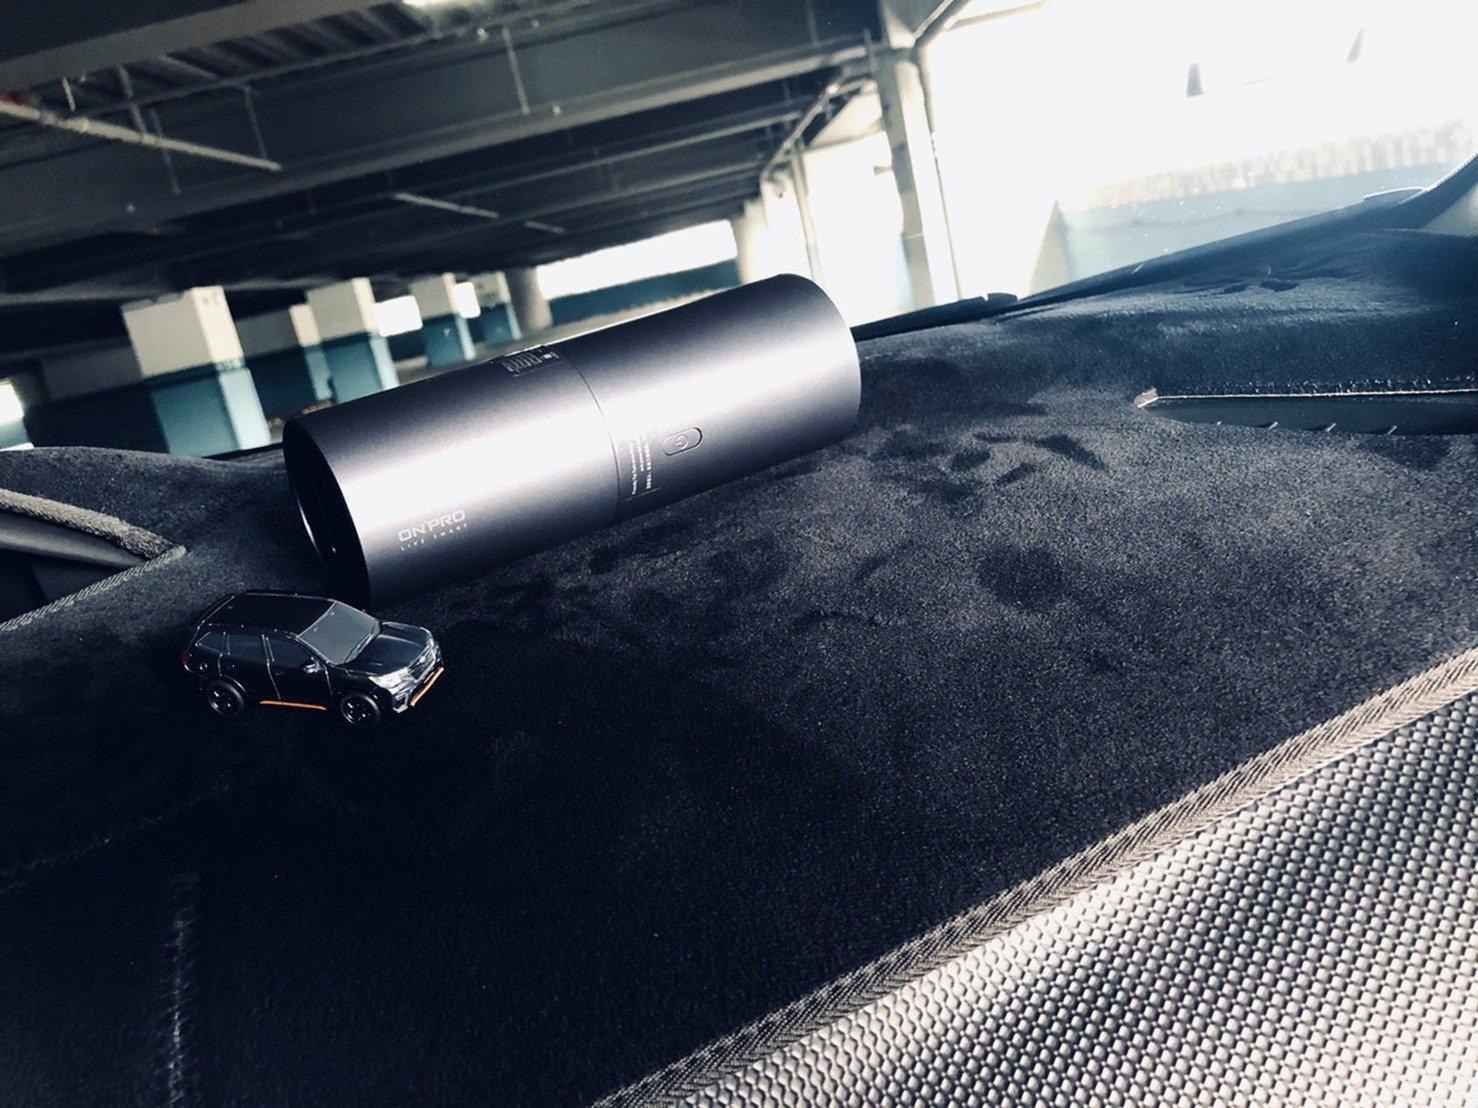 輕巧隨身吸吹超乾淨,ONPRO 迷你兩用無線吸塵器 UV-V1,USB 充電方便好收納 @3C 達人廖阿輝